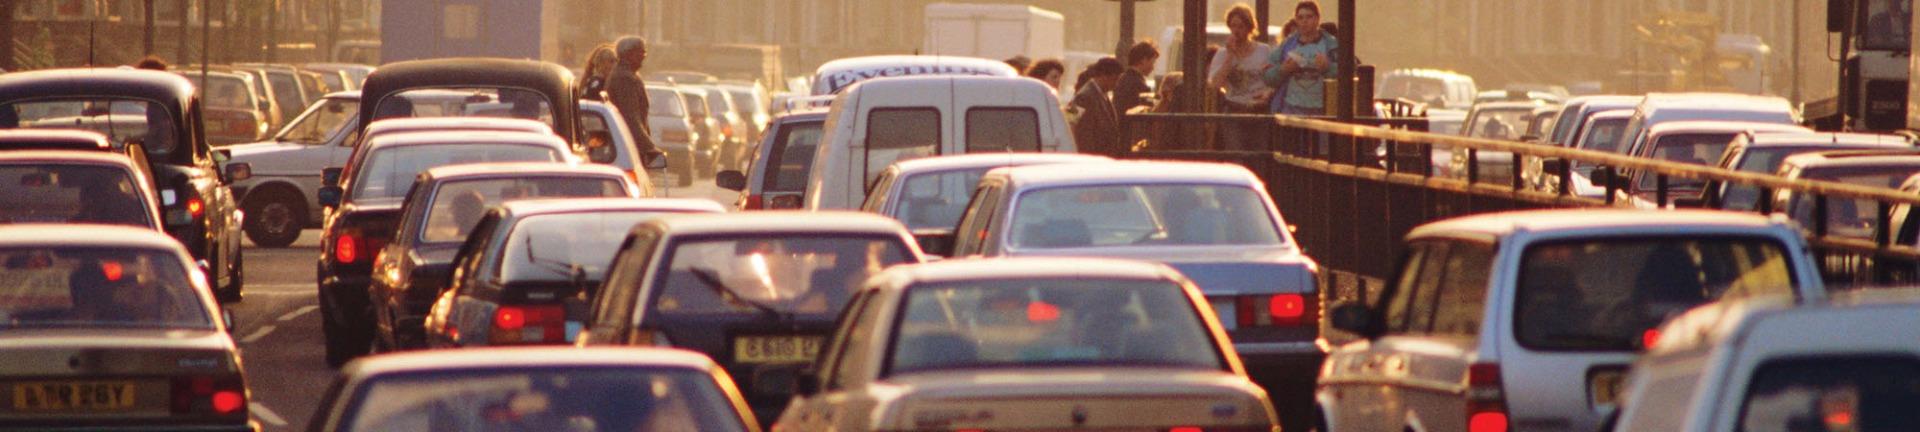 FAQ - The Real Urban Emissions